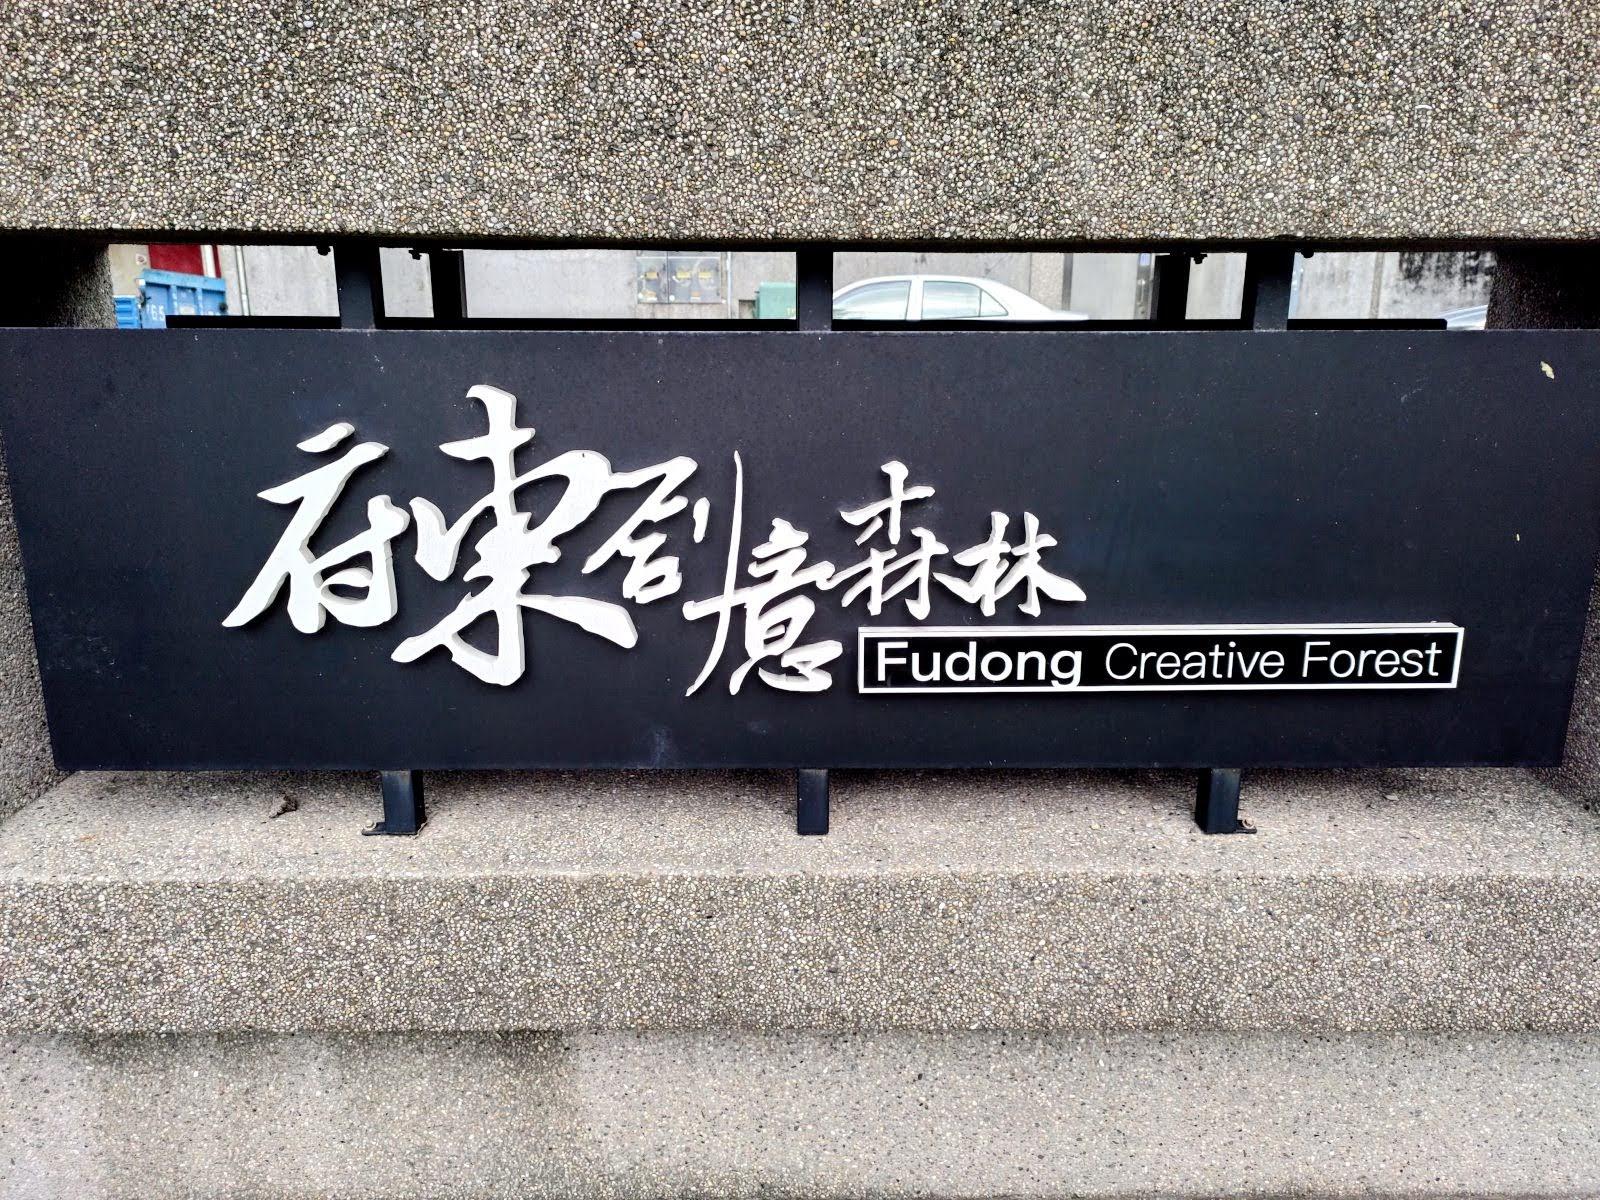 [台南][東區 ]納涼屋|浴衣體驗|府東創意森林×林百貨×鶯料理